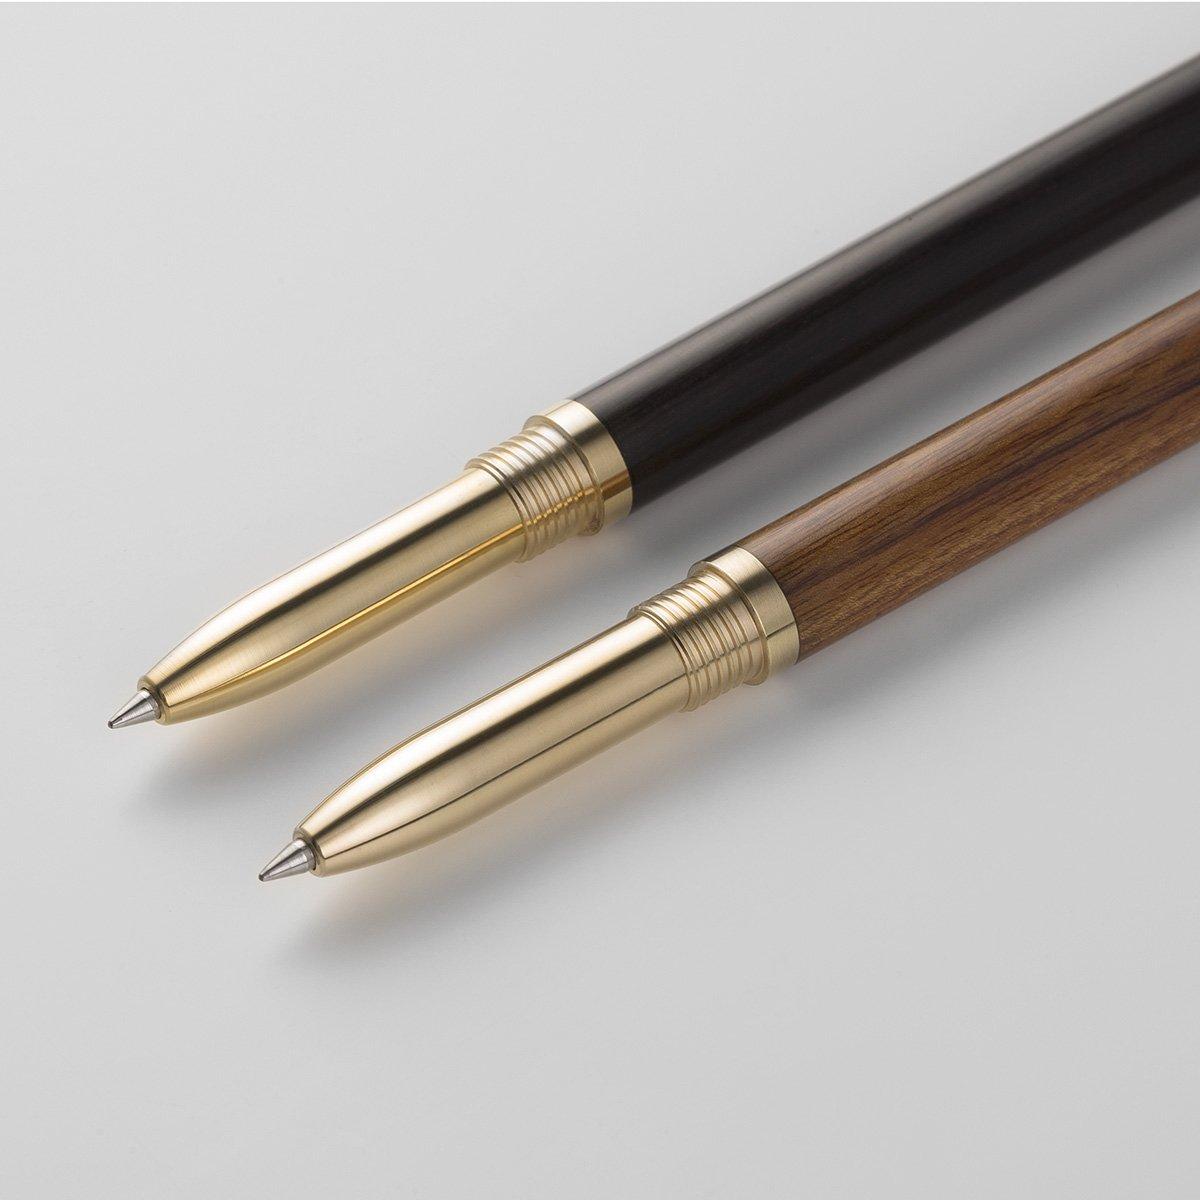 Ideale per un Regalo! Penna Roller Soddisfazione Garantita Premium Metallo Legno Penna a Sfera